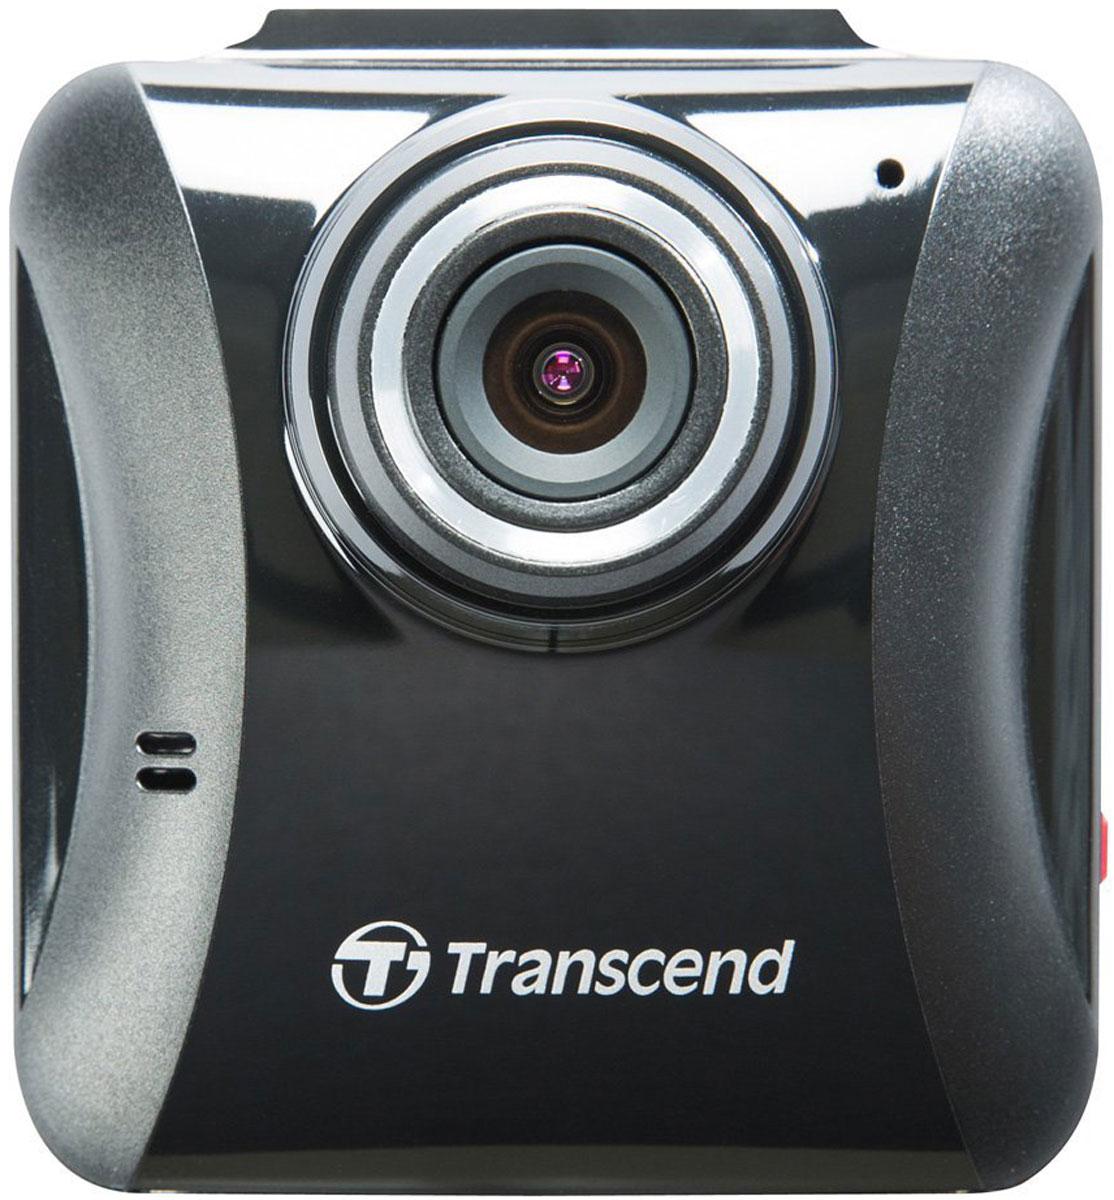 Transcend DrivePro 100 видеорегистратор автомобильный + microSD 16GbTS16GDP100MВне зависимости от времени суток, автомобильный видеорегистратор DrivePro 100 - ваш надёжный видеосвидетель. Встроенный аккумулятор позволяет вести запись в течение 30 секунд после отключения электропитания, что дает максимальную уверенность в том, что видеорегистратор сохранит все важные моменты. DrivePro 100 оснащен объективом с широким углом обзора, состоящим из шести стеклянных линз, который позволяет снимать кристально-четкое видео высокой четкости в формате Full HD, имеет функцию захвата кадров и оснащен ярким цветным 2,4-дюймовым ЖК-дисплеем. DrivePro 100 прост в установке и настройке, а также оснащен функцией автоматического включения и выключения (Auto Power On/Off). Более того, доступный для бесплатной загрузки программный пакет DrivePro Toolbox для Windows позволяет с легкостью воспроизводить на ПК записанные видеорегистратором видеофайлы.DrivePro 100 оснащен объективом с большой диафрагмой (f/1.8) и способен автоматически подстраиваться под различные условия освещения, точно фиксируя все детали текущей дорожной обстановки, вне зависимости от времени суток, в том числе, номерные знаки соседних автомобилей.Благодаря наличию встроенного литий-полимерного аккумулятора пользователю не нужно опасаться внезапных перебоев электропитания в результате автомобильной аварии. Даже при отсутствии питания от автомобильной электросети DrivePro 100 способен продолжить запись в течение 30 секунд, позволяя сохранить все важнейшие доказательства. Также запись можно инициировать вручную и при полностью заряженной батарее вести съемку в течение 30 минут.Удобная функция сохранения фотографий позволяет сохранять снимки в формате .jpg во время записи видео. После инцидента пользователь может вынуть DrivePro 100 из автомобиля, чтобы снять место происшествия.Угол обзора камеры видеорегистратора составляет 130°, а его Full HD-матрица позволяет записывать четкое и плавное (30 кадров/сек) видео с разрешени